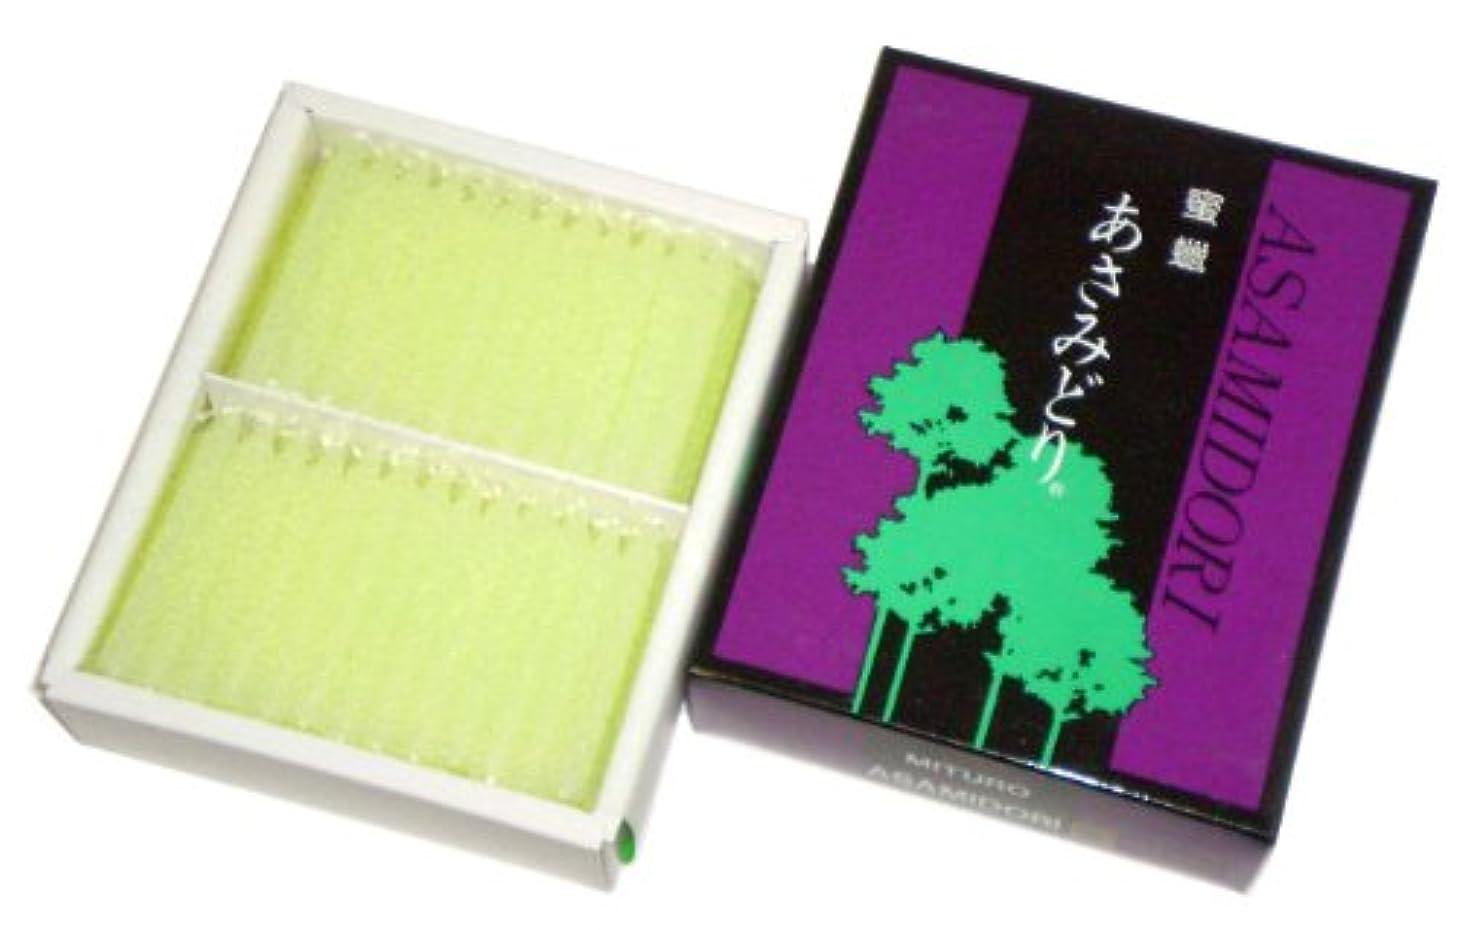 不完全なコメント一般化する鳥居のローソク 蜜蝋 あさみどり 太ダルマ130本入(金印) #100501